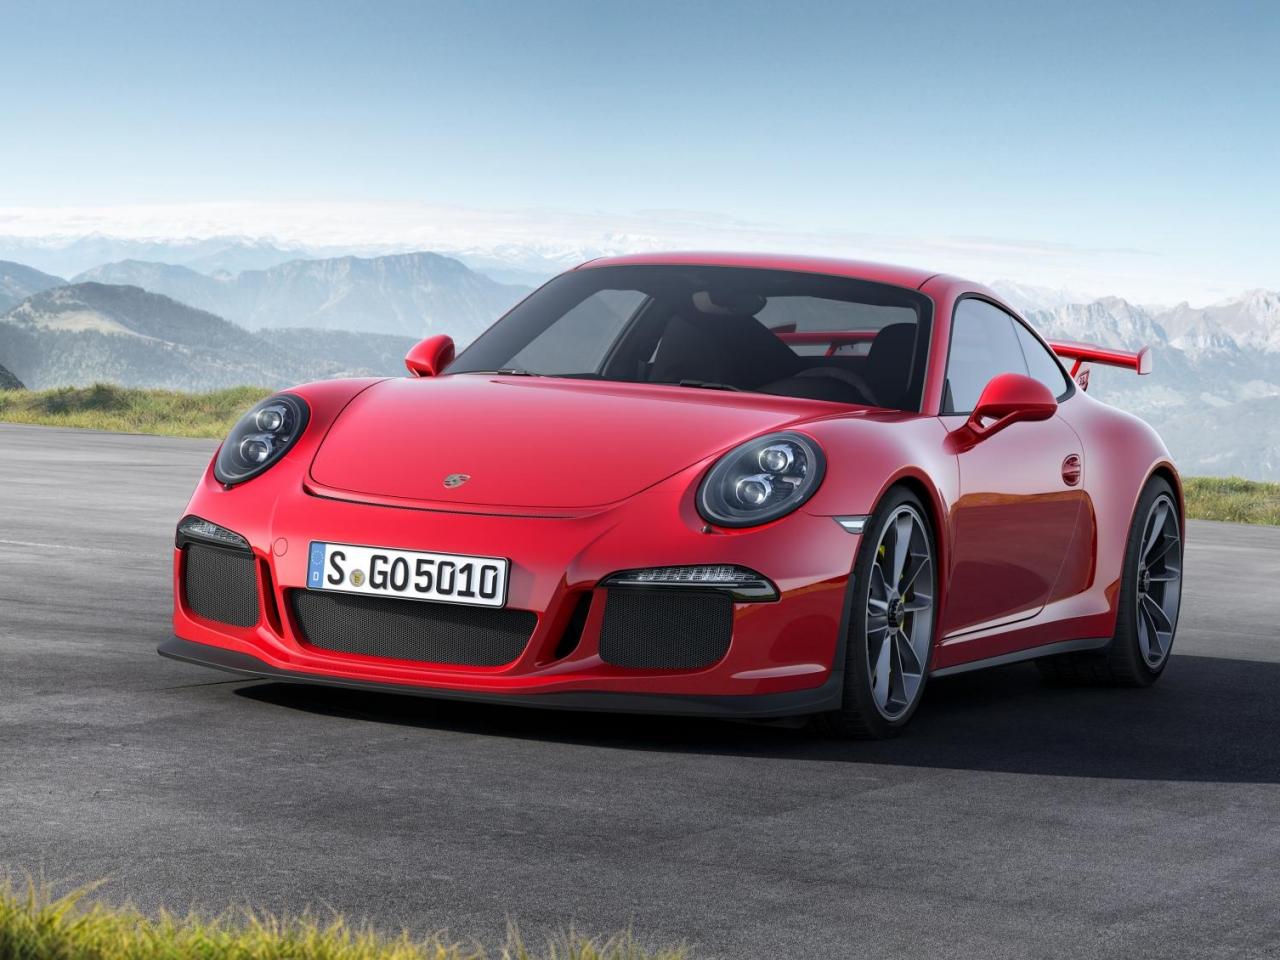 Fondos De Pantalla Vehículo Porsche Show De Net: Porsche 911 GT3 Hd 1280x960